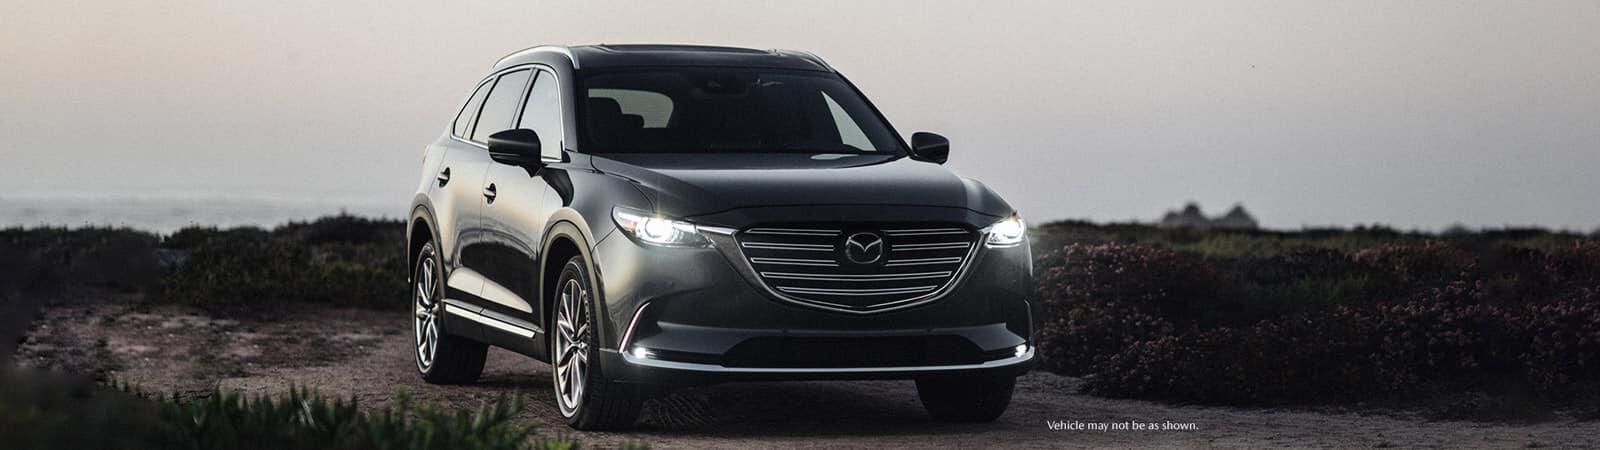 2020-Mazda-CX-9